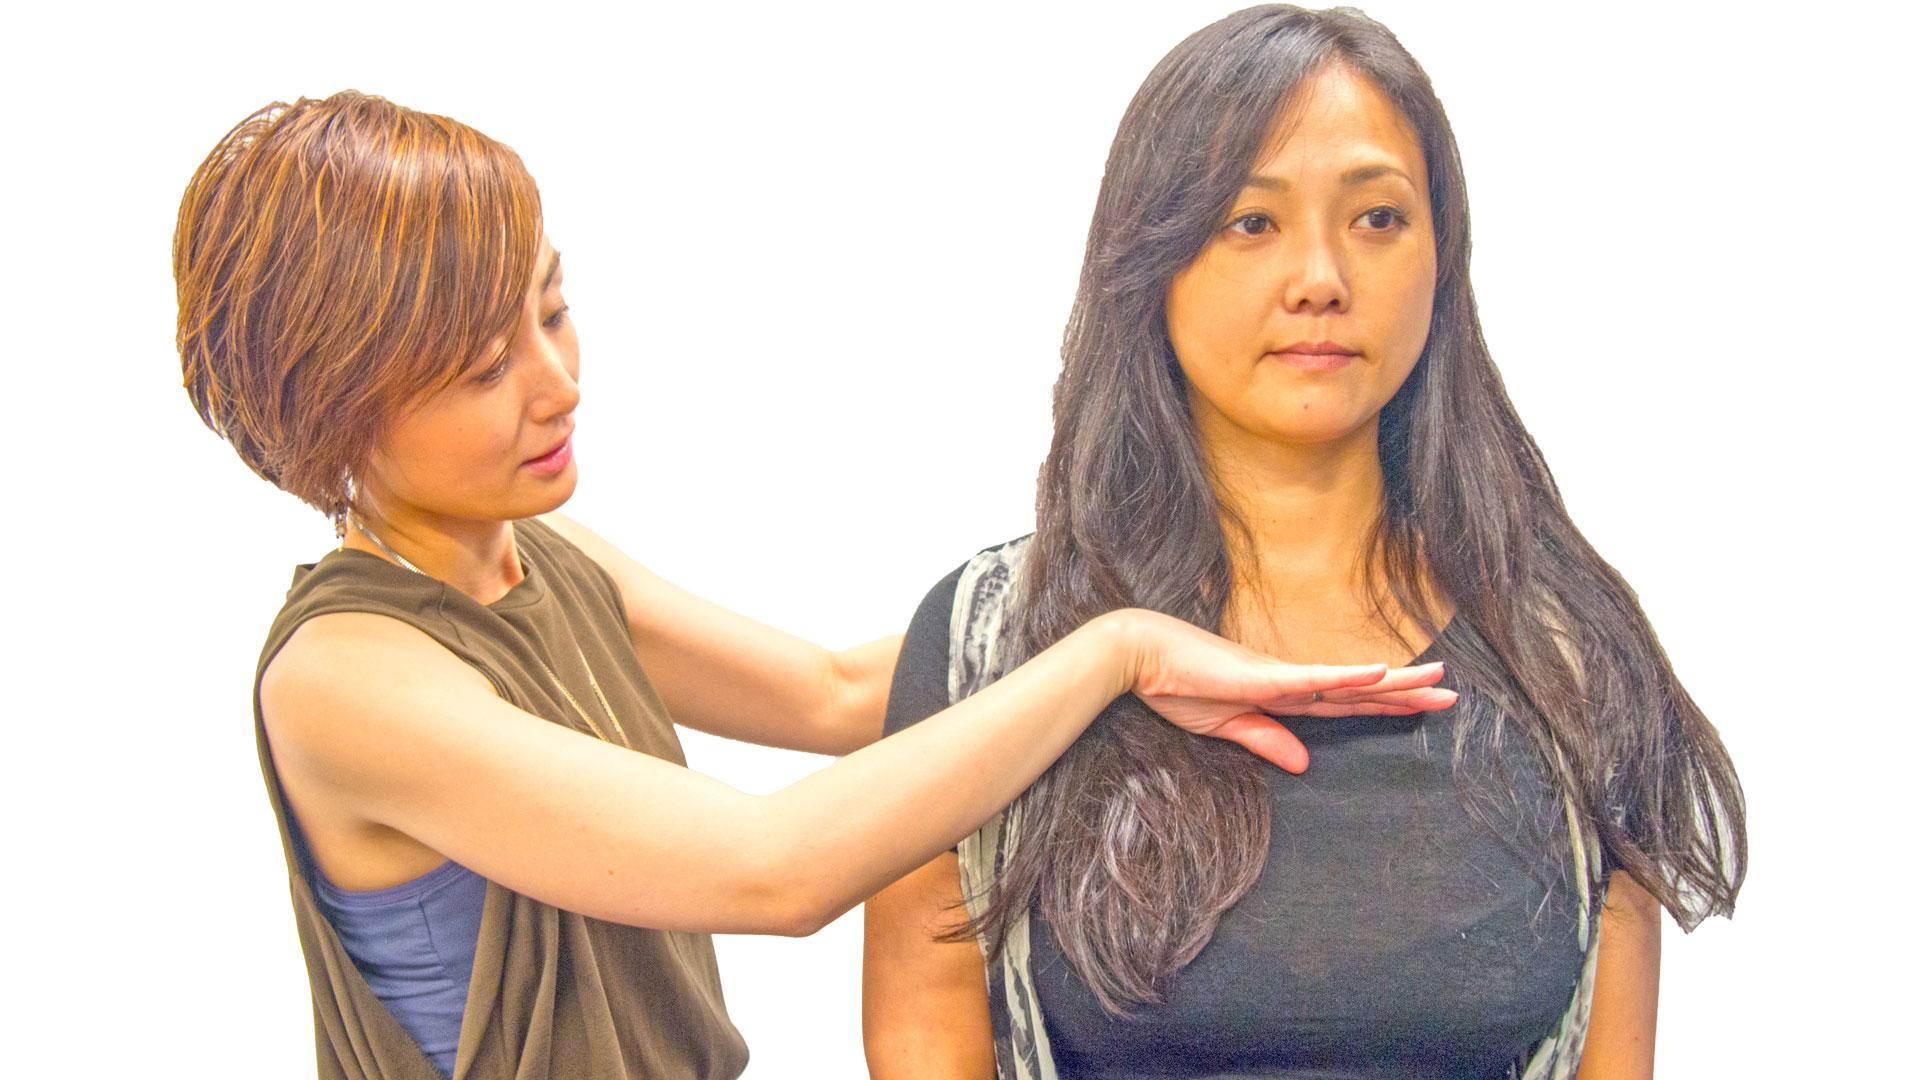 小池栄子さんのような骨格診断ストレートタイプに似合うファッション (トータルスタイルトレーナーChiakiさん) #骨格診断 #ストレートタイプ